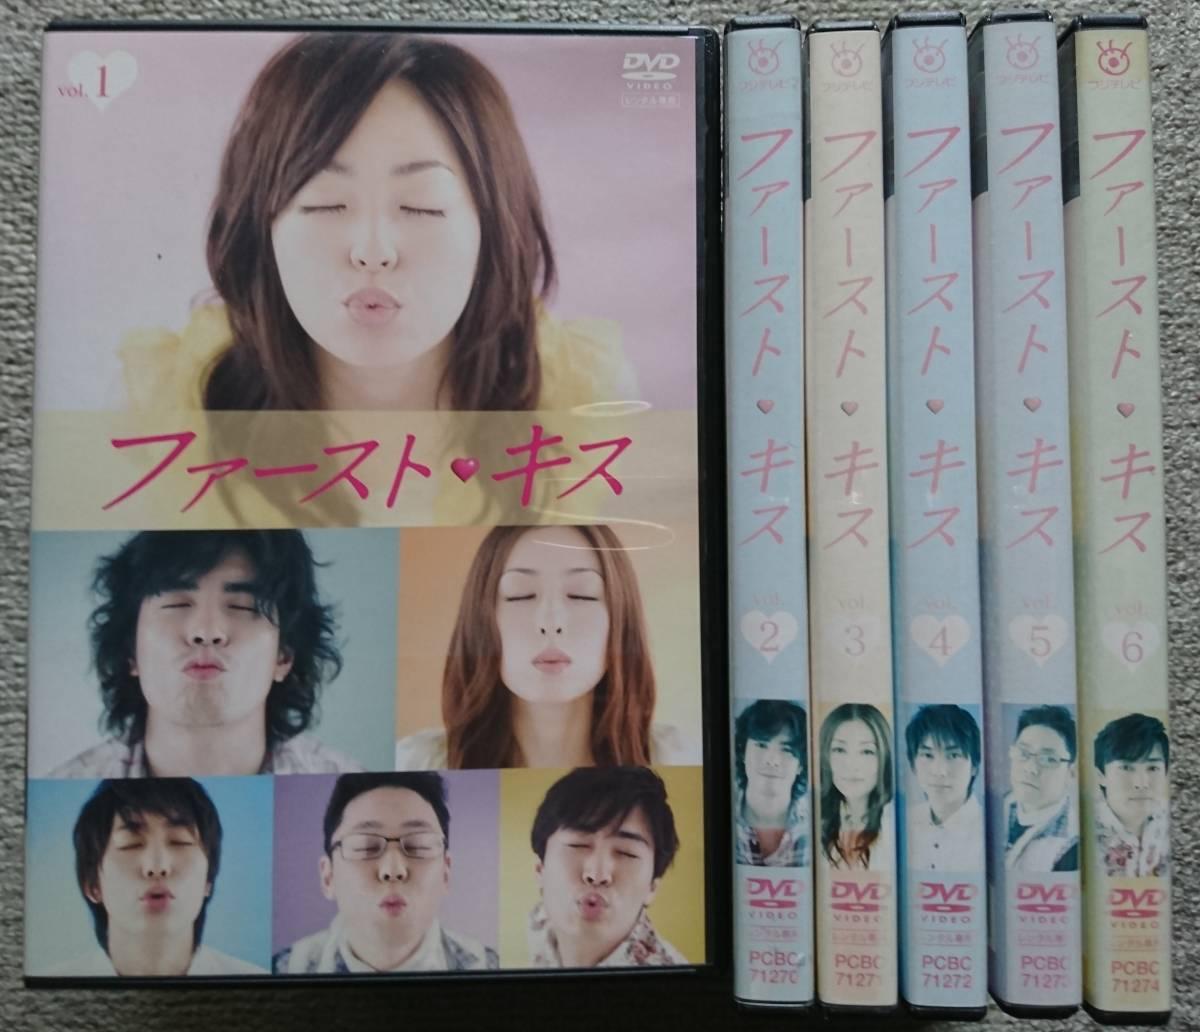 【レンタル版DVD】ファースト・キス 全6巻 井上真央 伊藤英明 グッズの画像